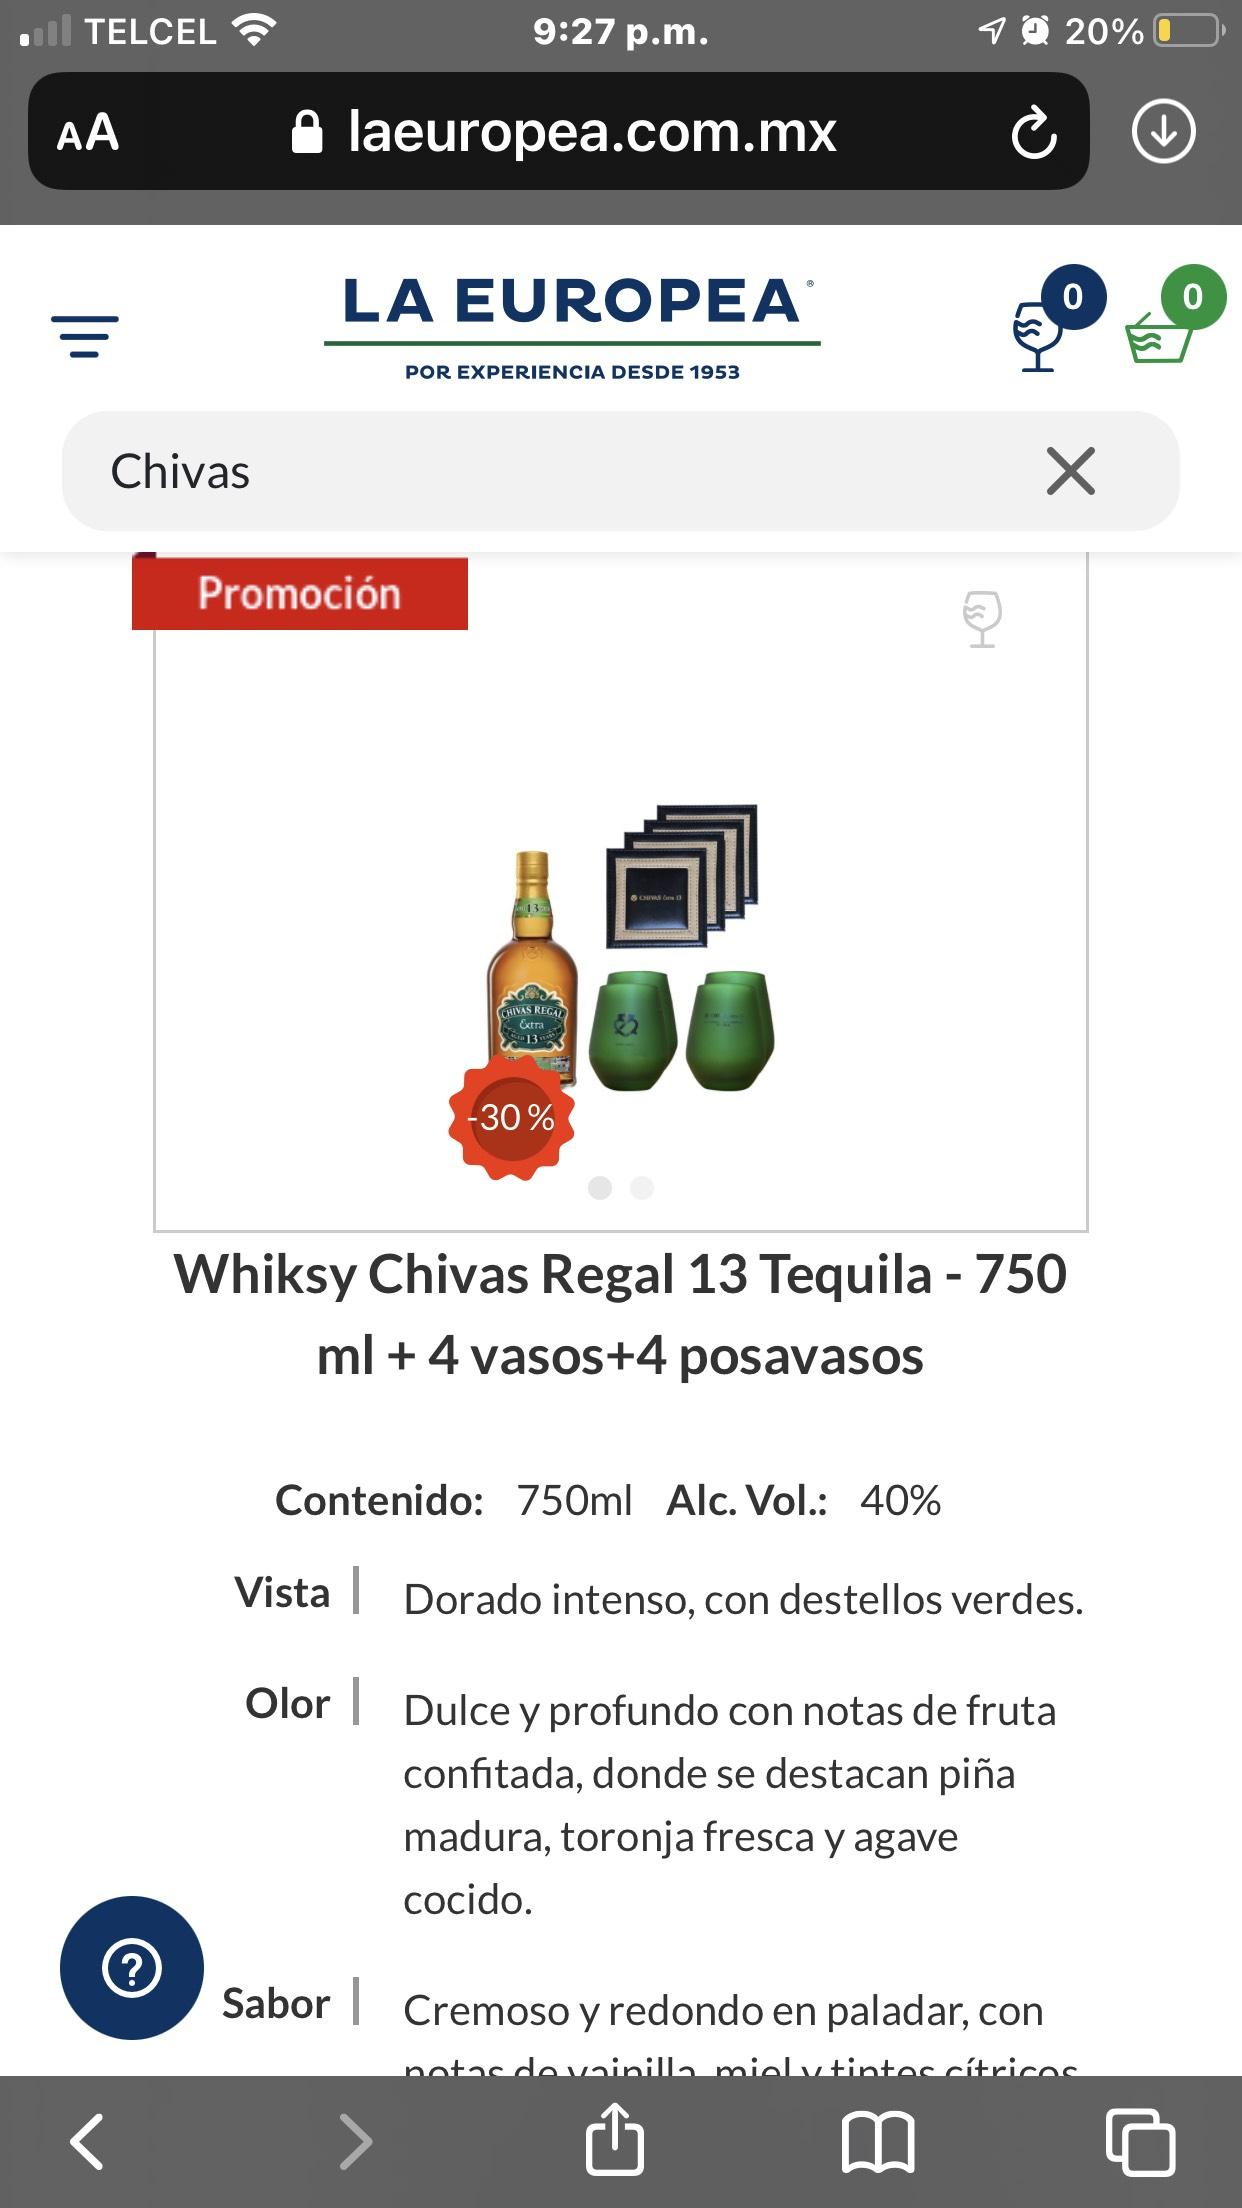 La Europea: Whiksy Chivas Regal 13 Tequila - 750 ml + 4 vasos+4 posavasos